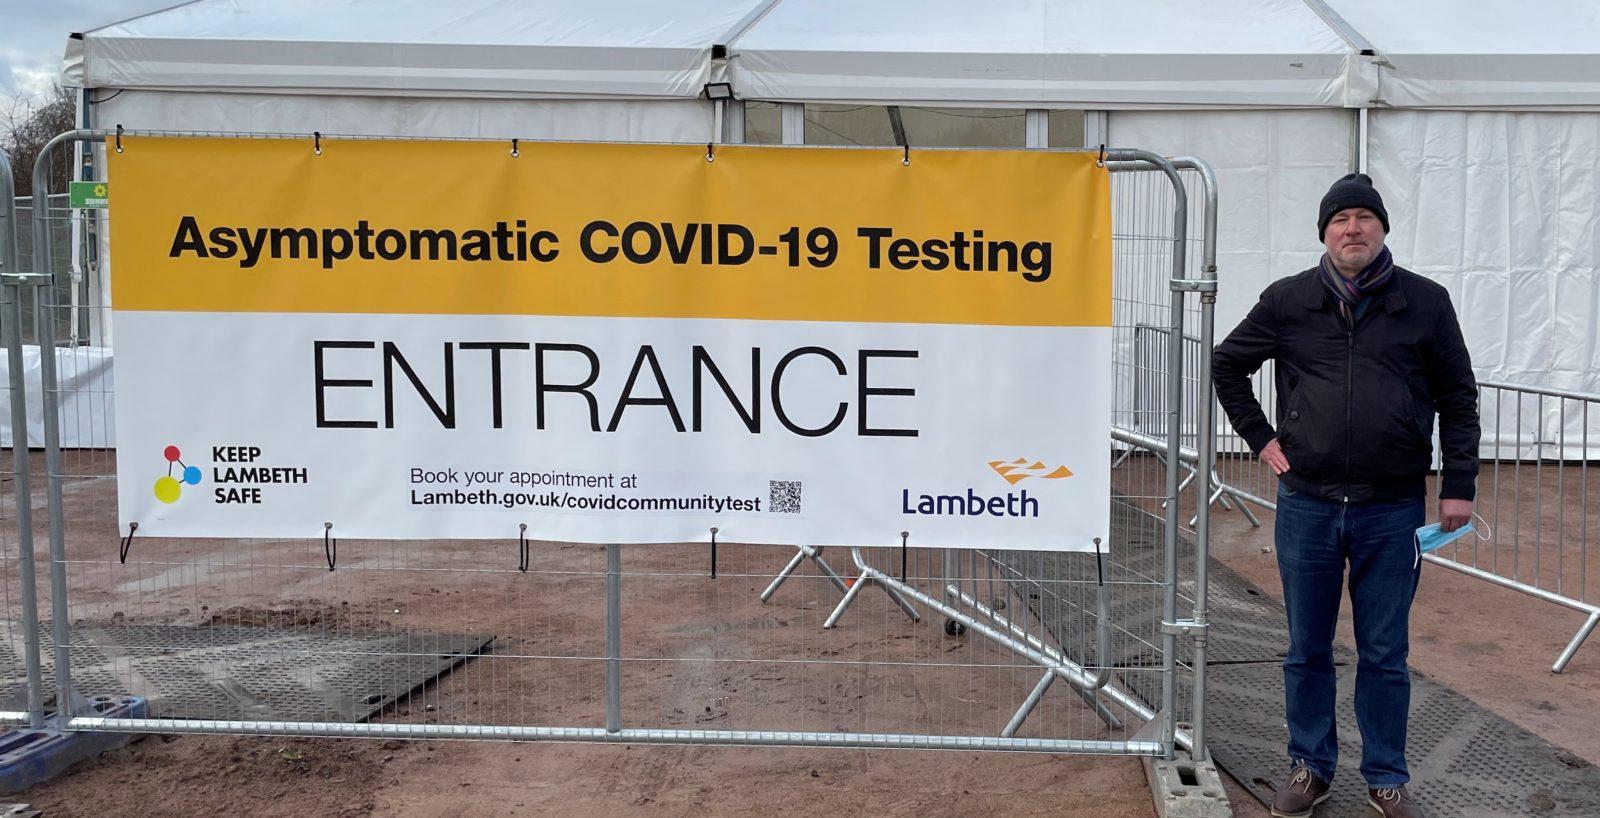 Community Testing in Lambeth